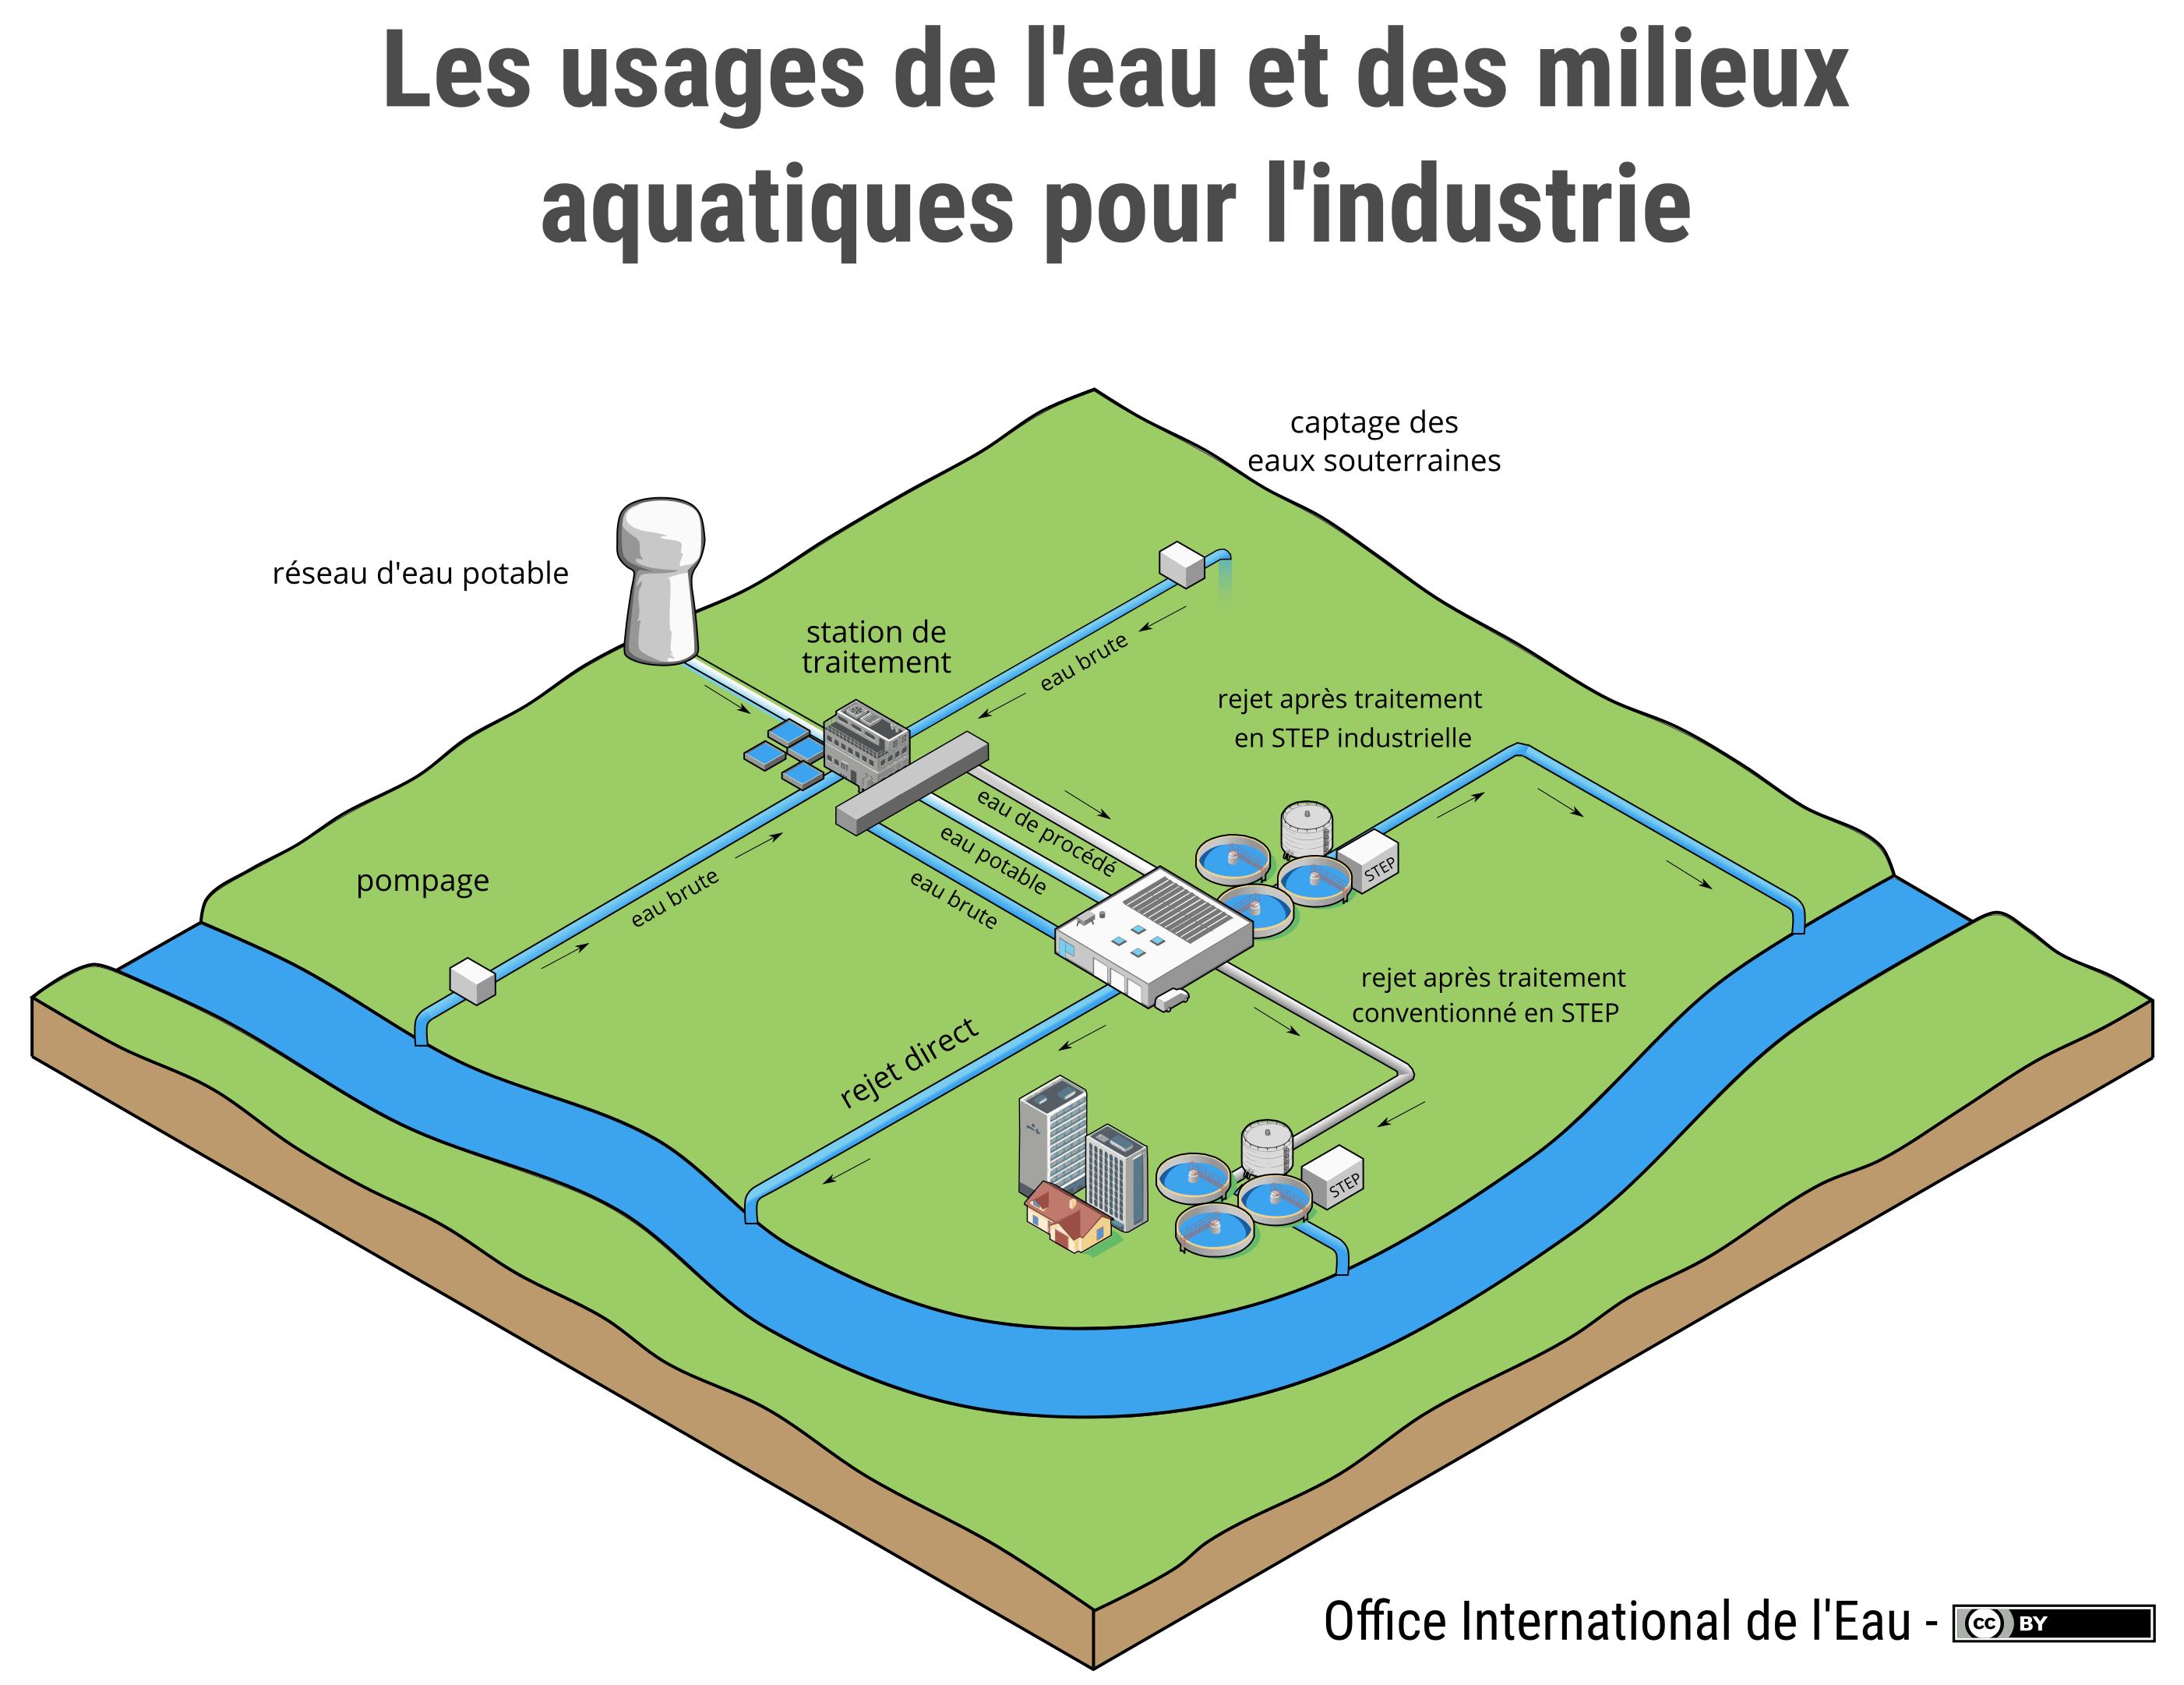 Les usages de l 39 eau et des milieux aquatiques pour l - Office national de l eau et des milieux aquatiques ...